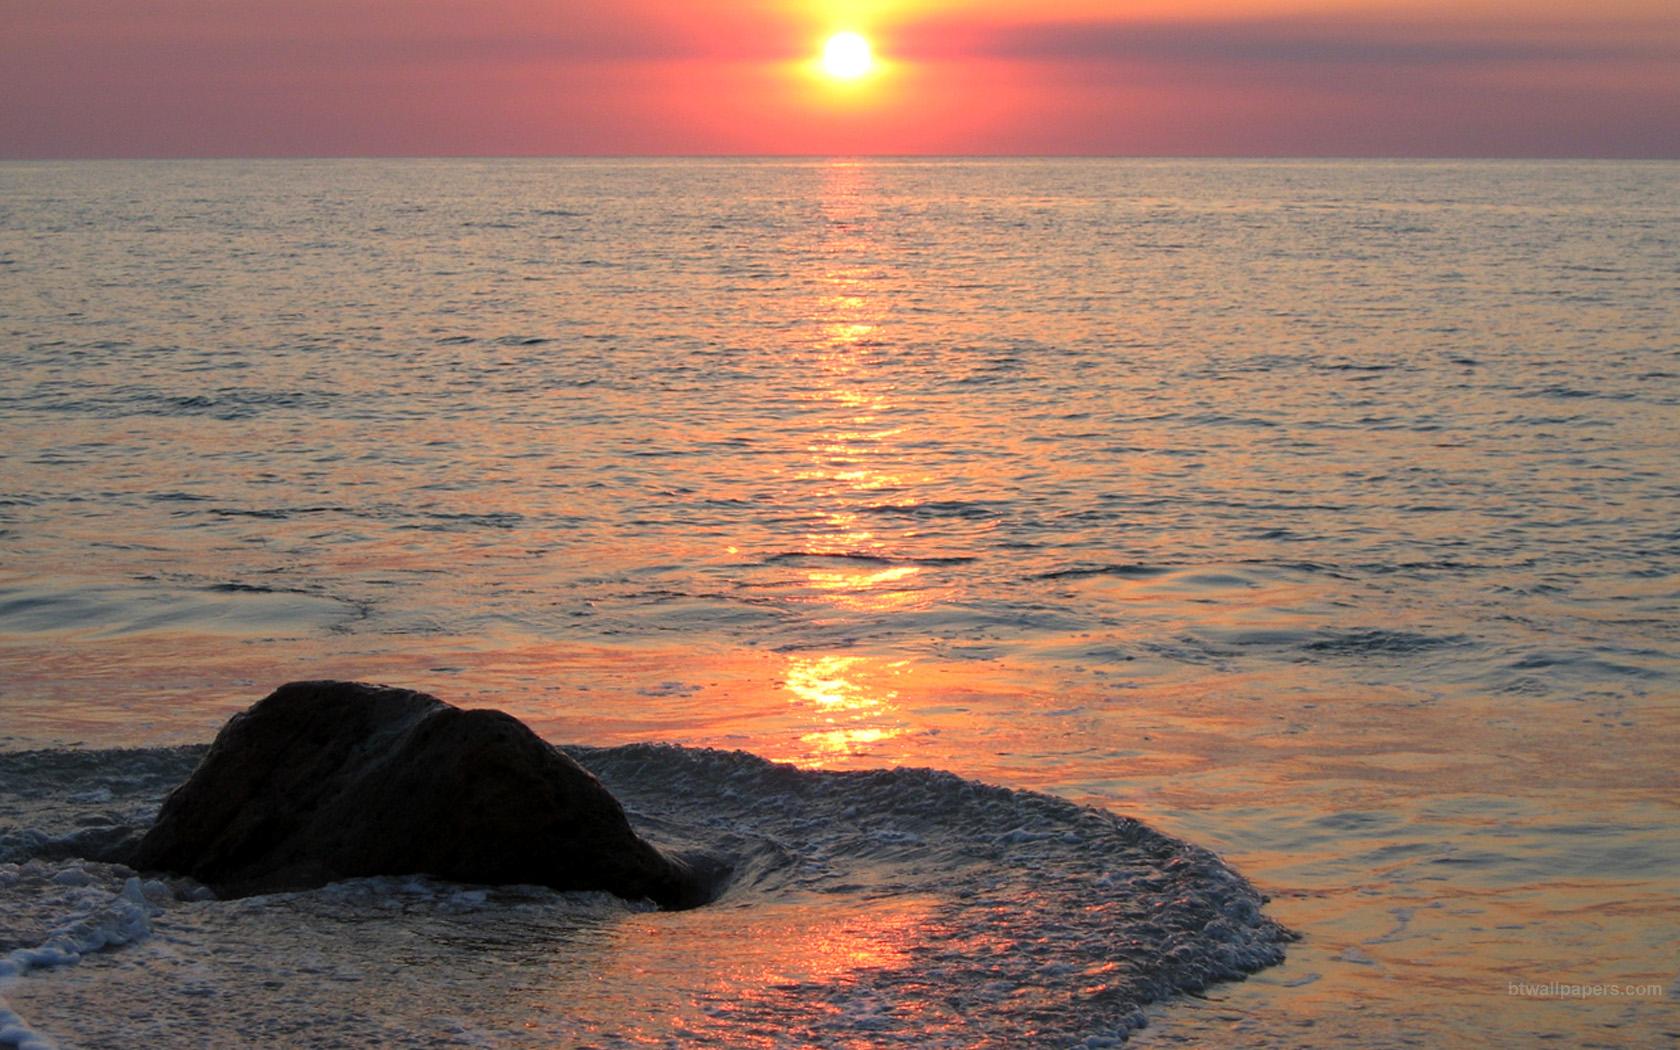 Beach Pink Sunset wallpaper   ForWallpapercom 1680x1050